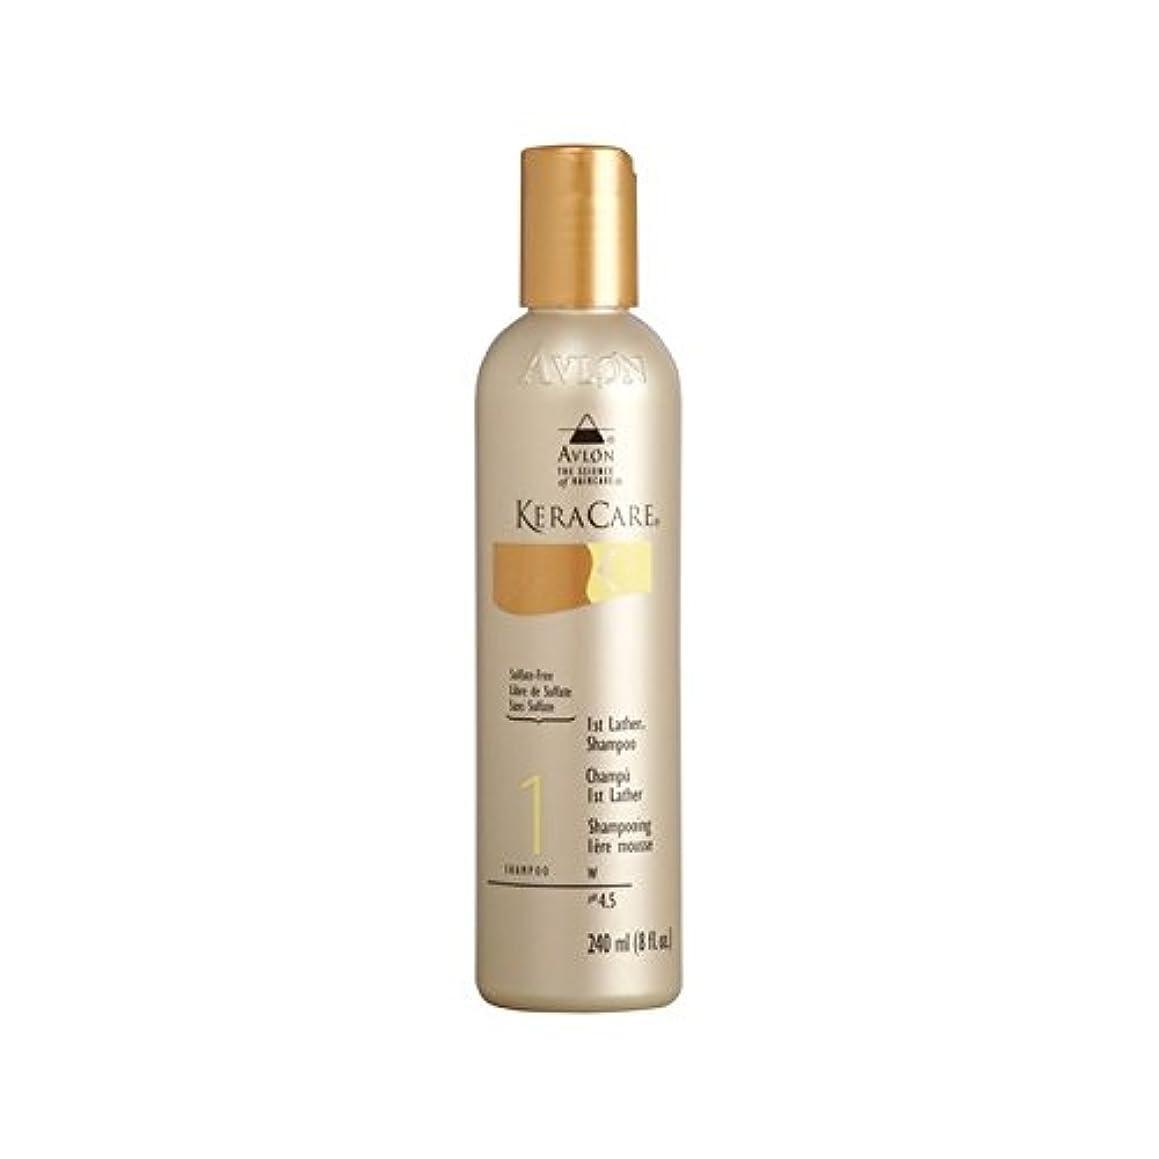 メルボルンケープ先例第一泡立ちのシャンプー(240ミリリットル) x2 - Keracare 1St Lather Shampoo (240ml) (Pack of 2) [並行輸入品]